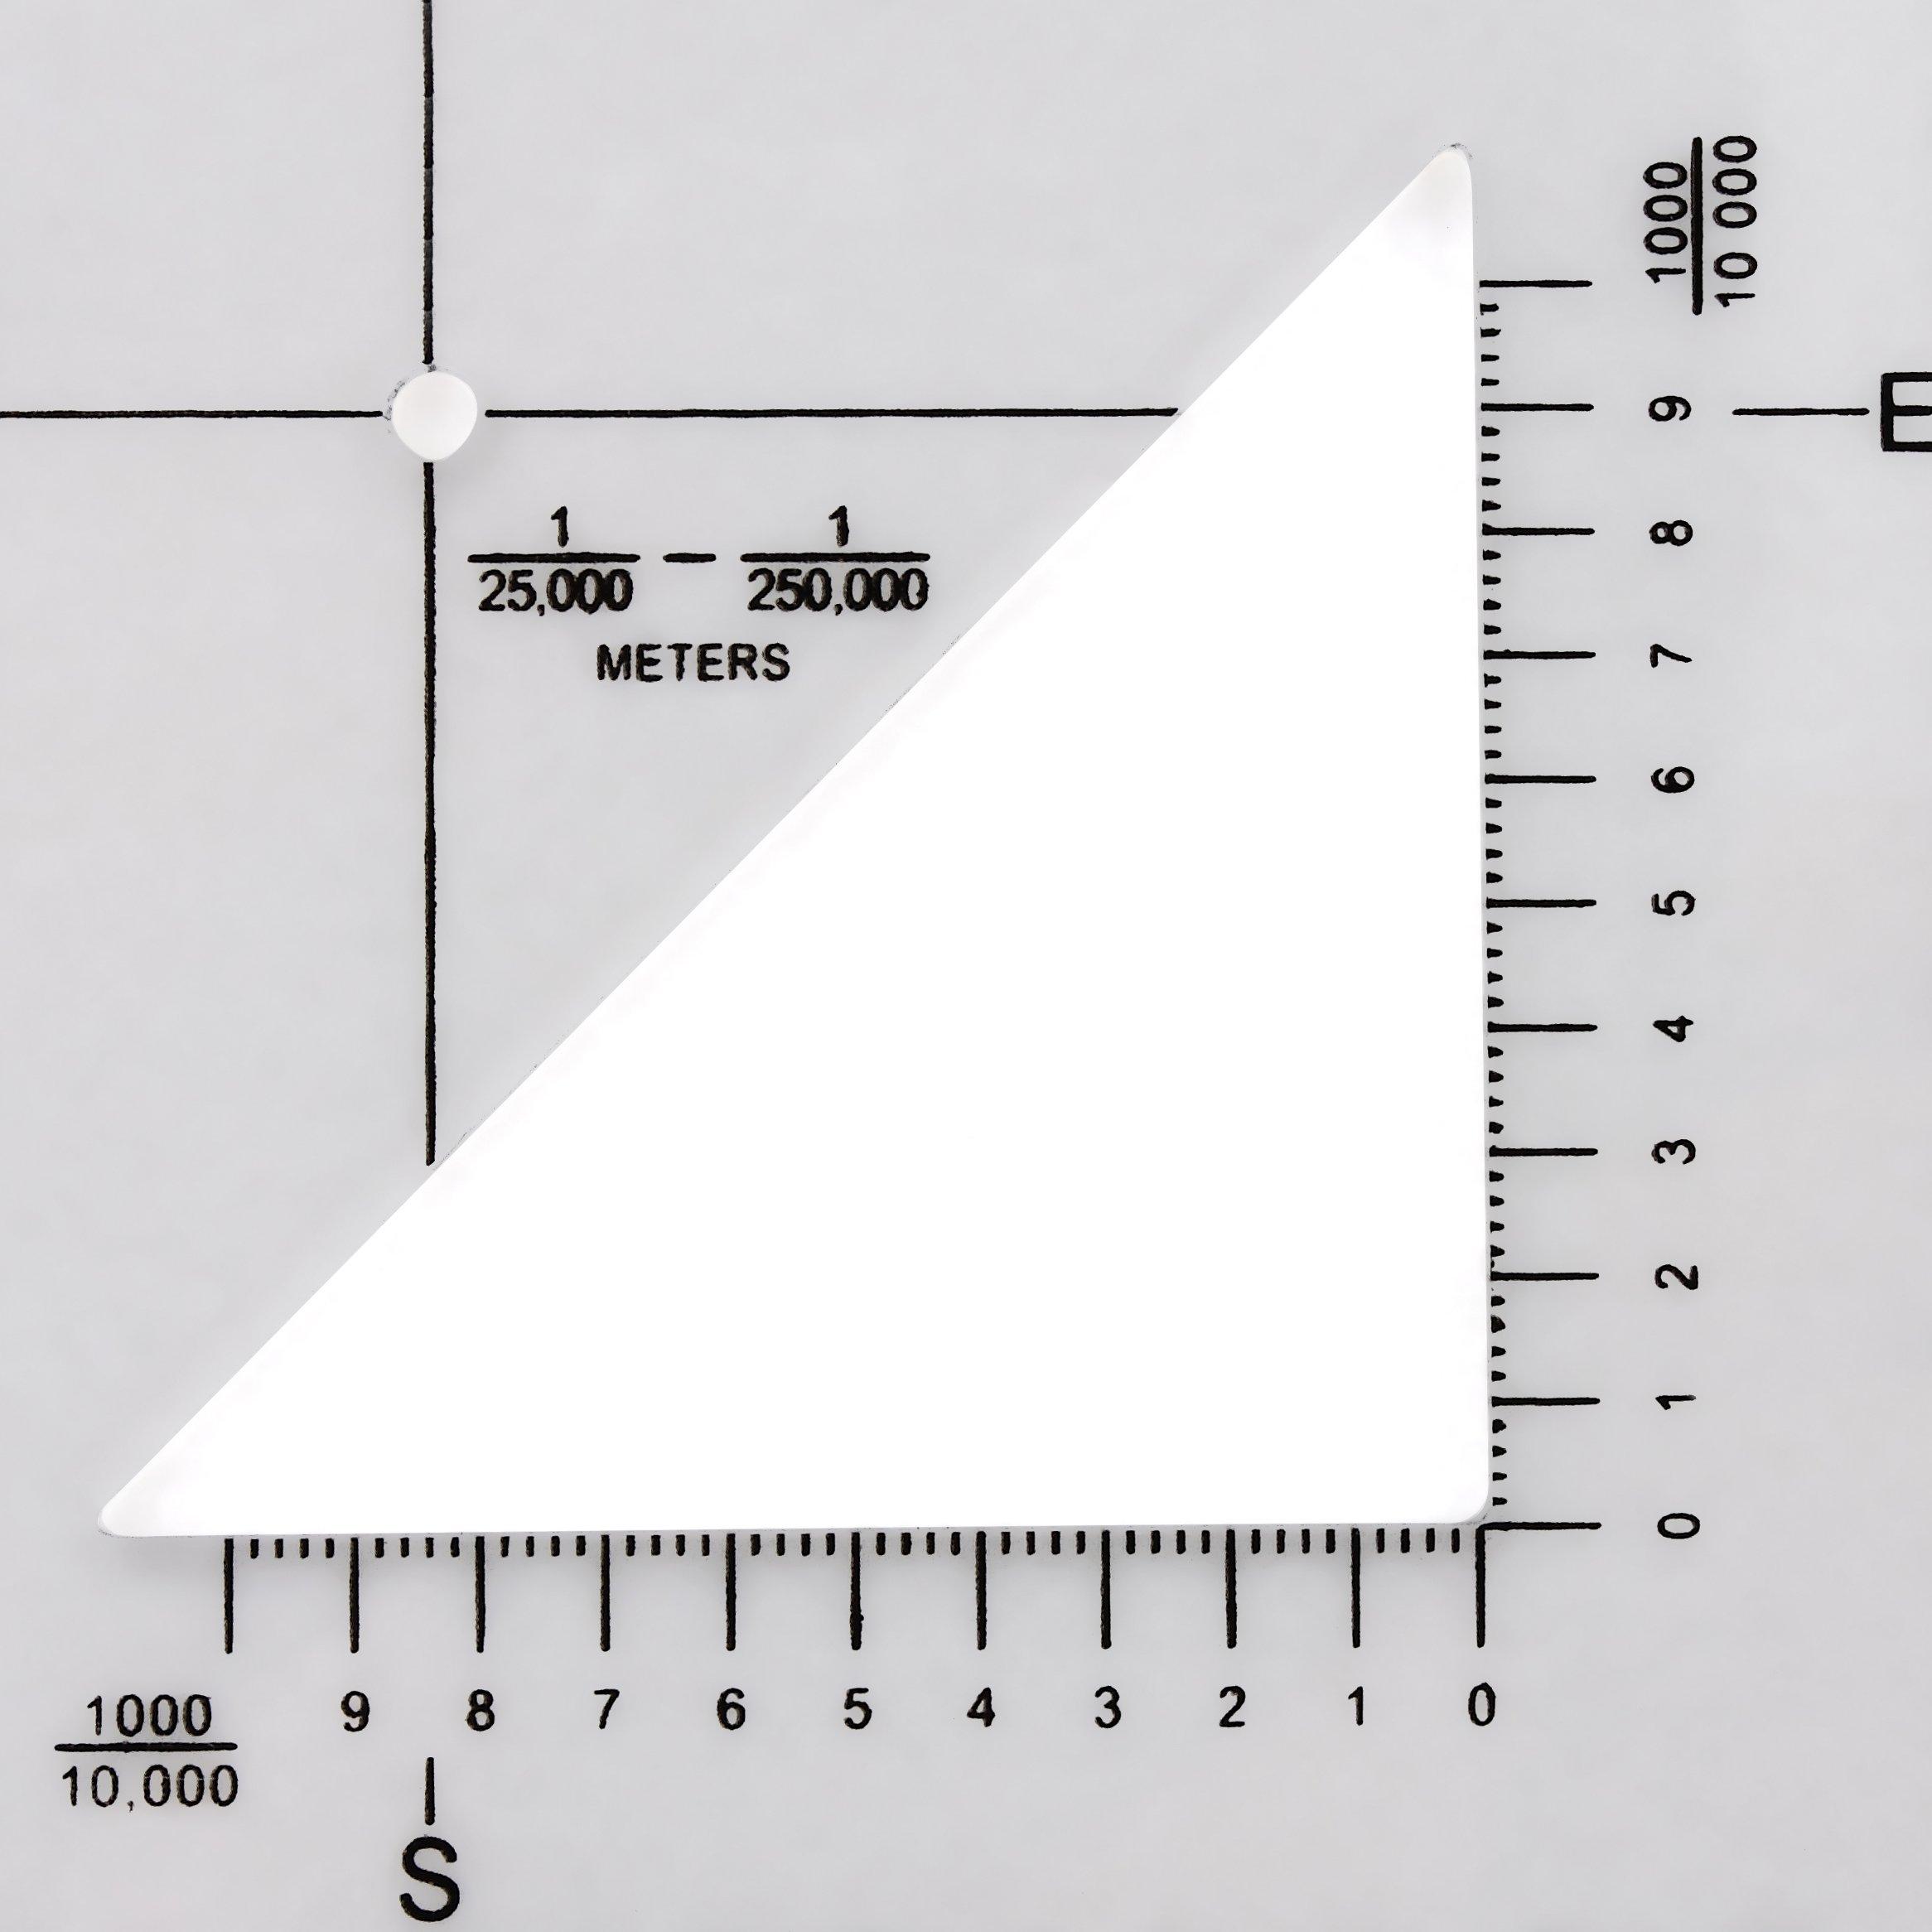 Militar UTM/Mgrs coordinar escala – mapa leer y tierra navegación – mapa topográfico escala, transportador de ángulos y rejilla coordinar lector – Pares con brújula y ritmo contador cuentas por Golden Eye